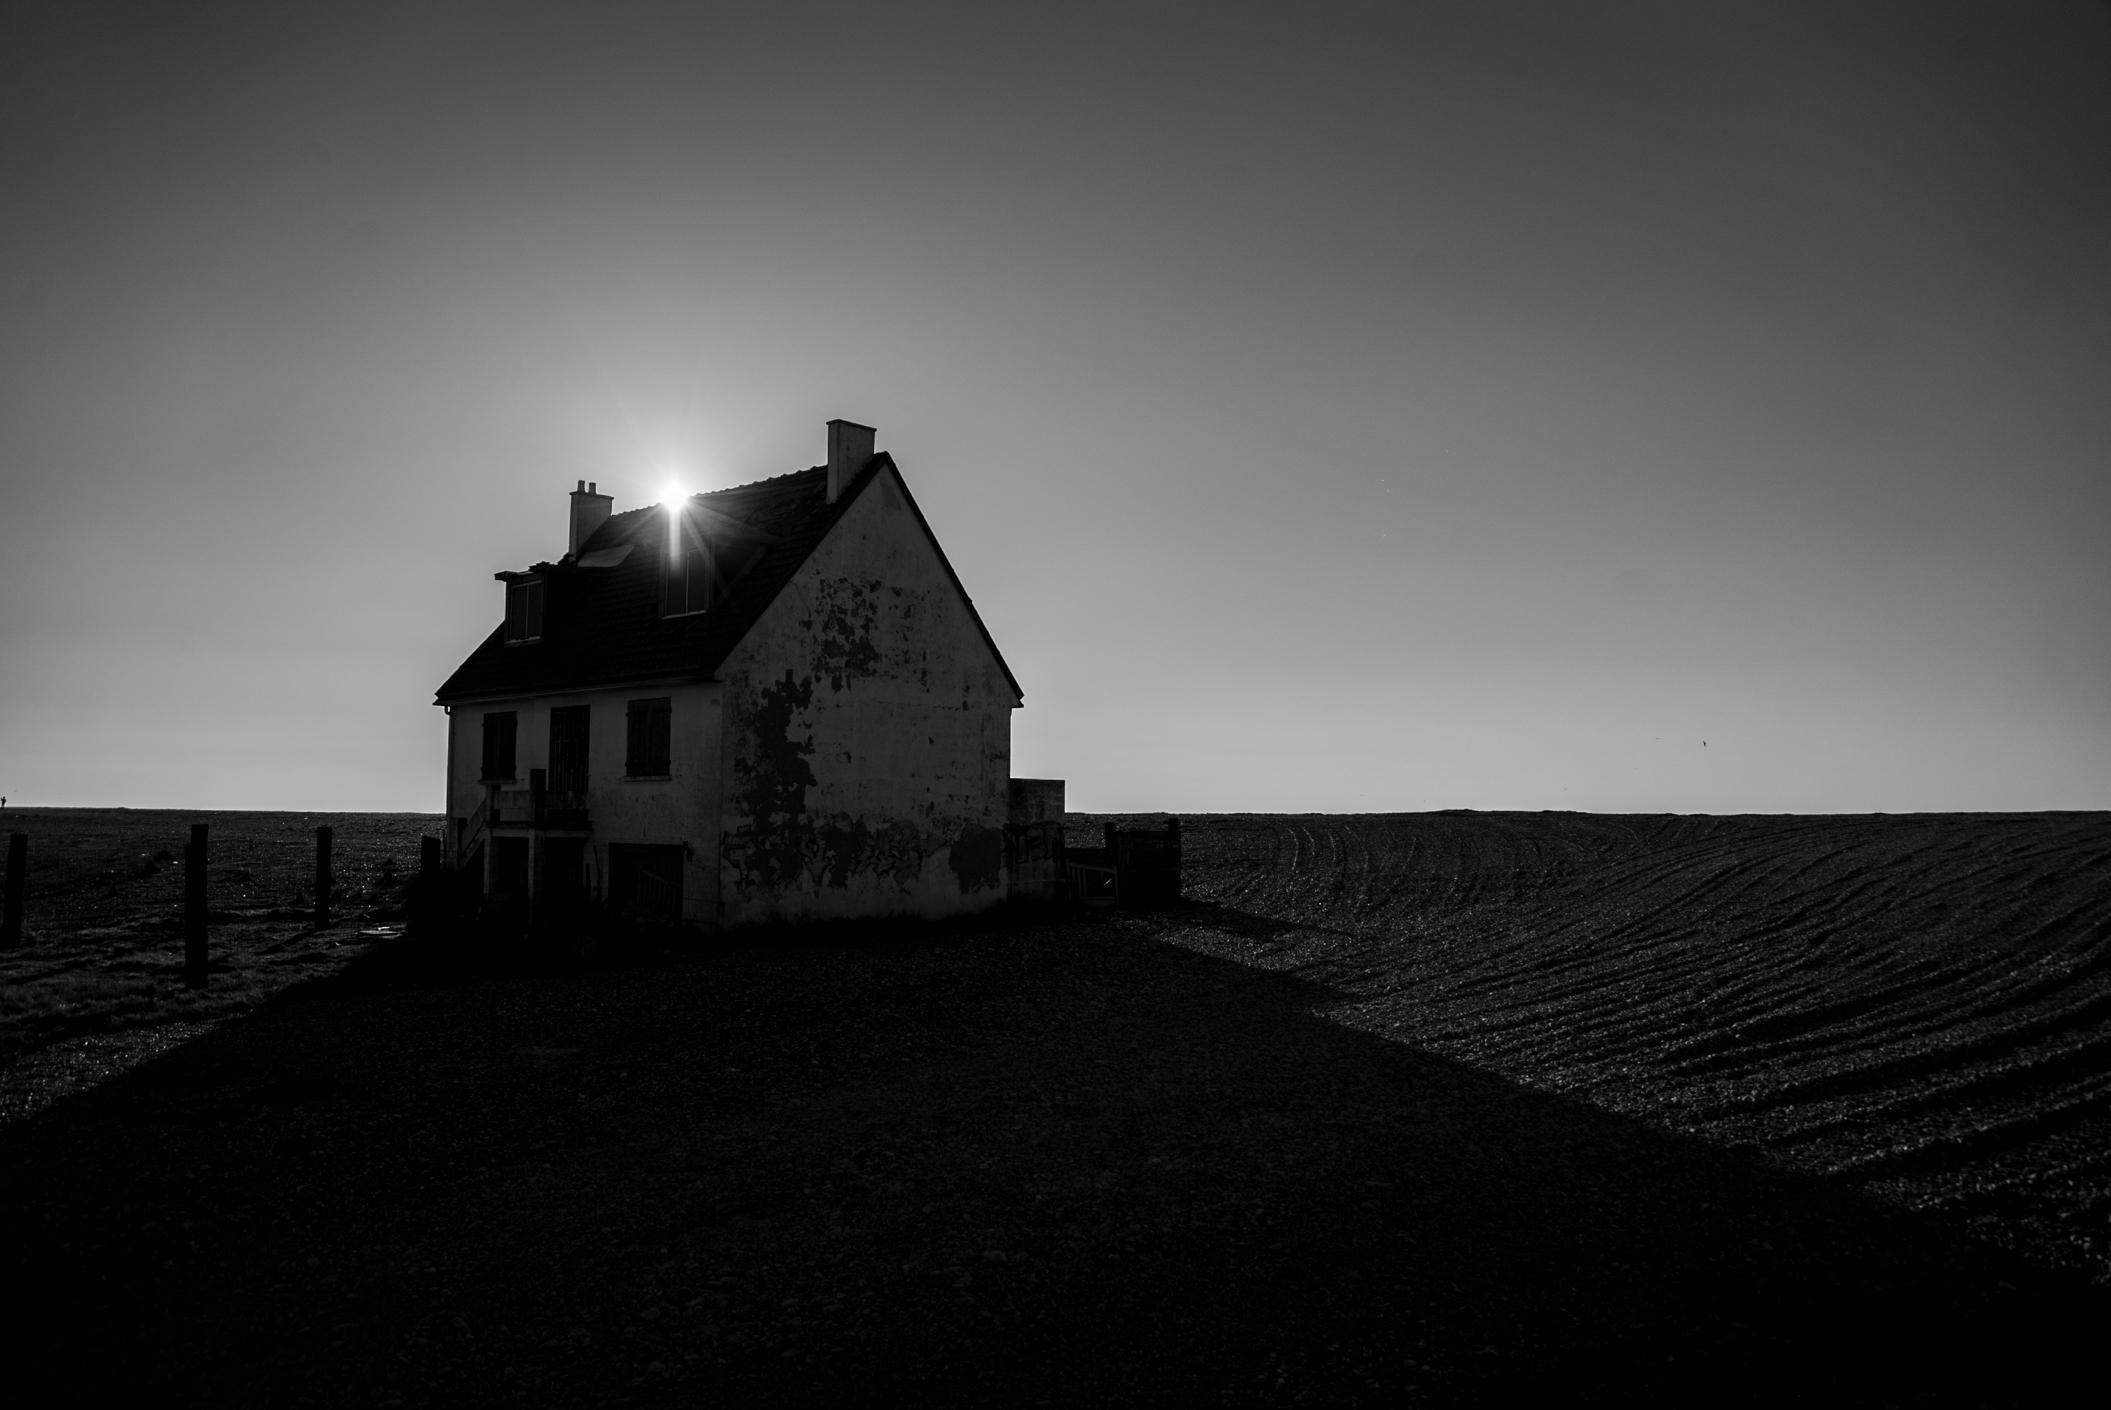 La maison abandonnée, Cayeux sur Mer